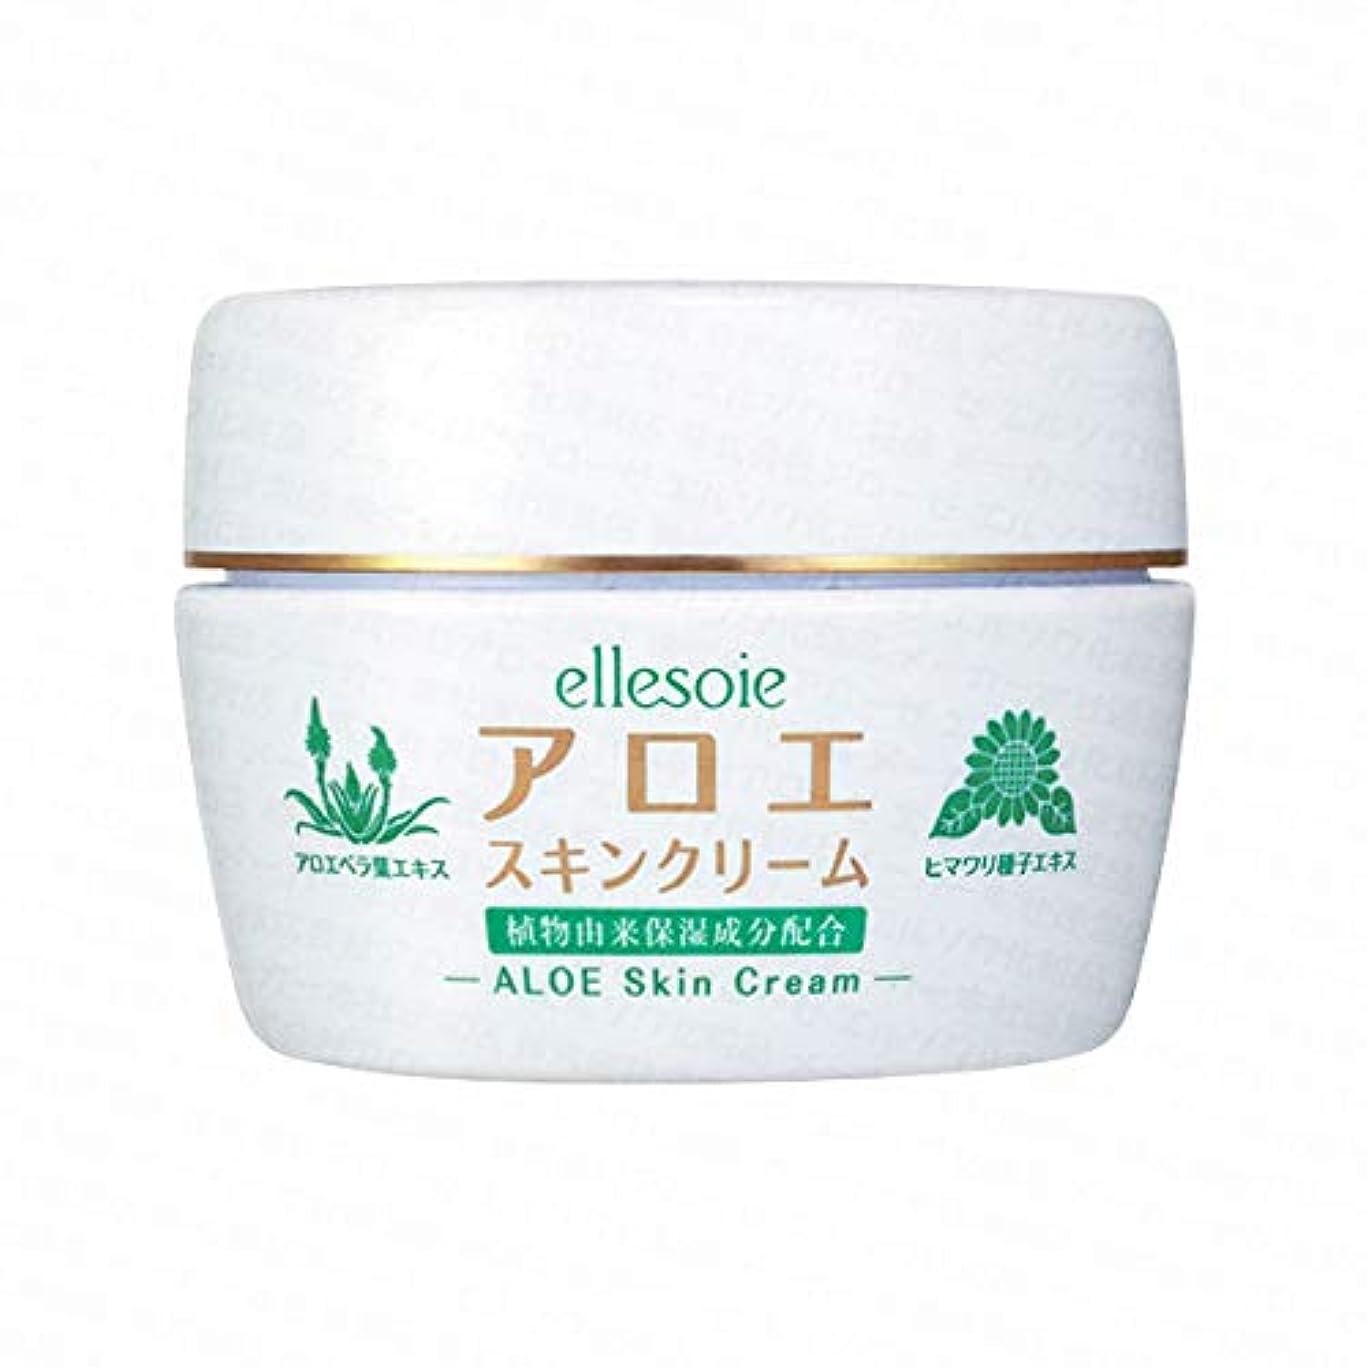 情熱怒り散るエルソワ化粧品(ellesoie) アロエスキンクリーム 本体210g ボディ用保湿クリーム